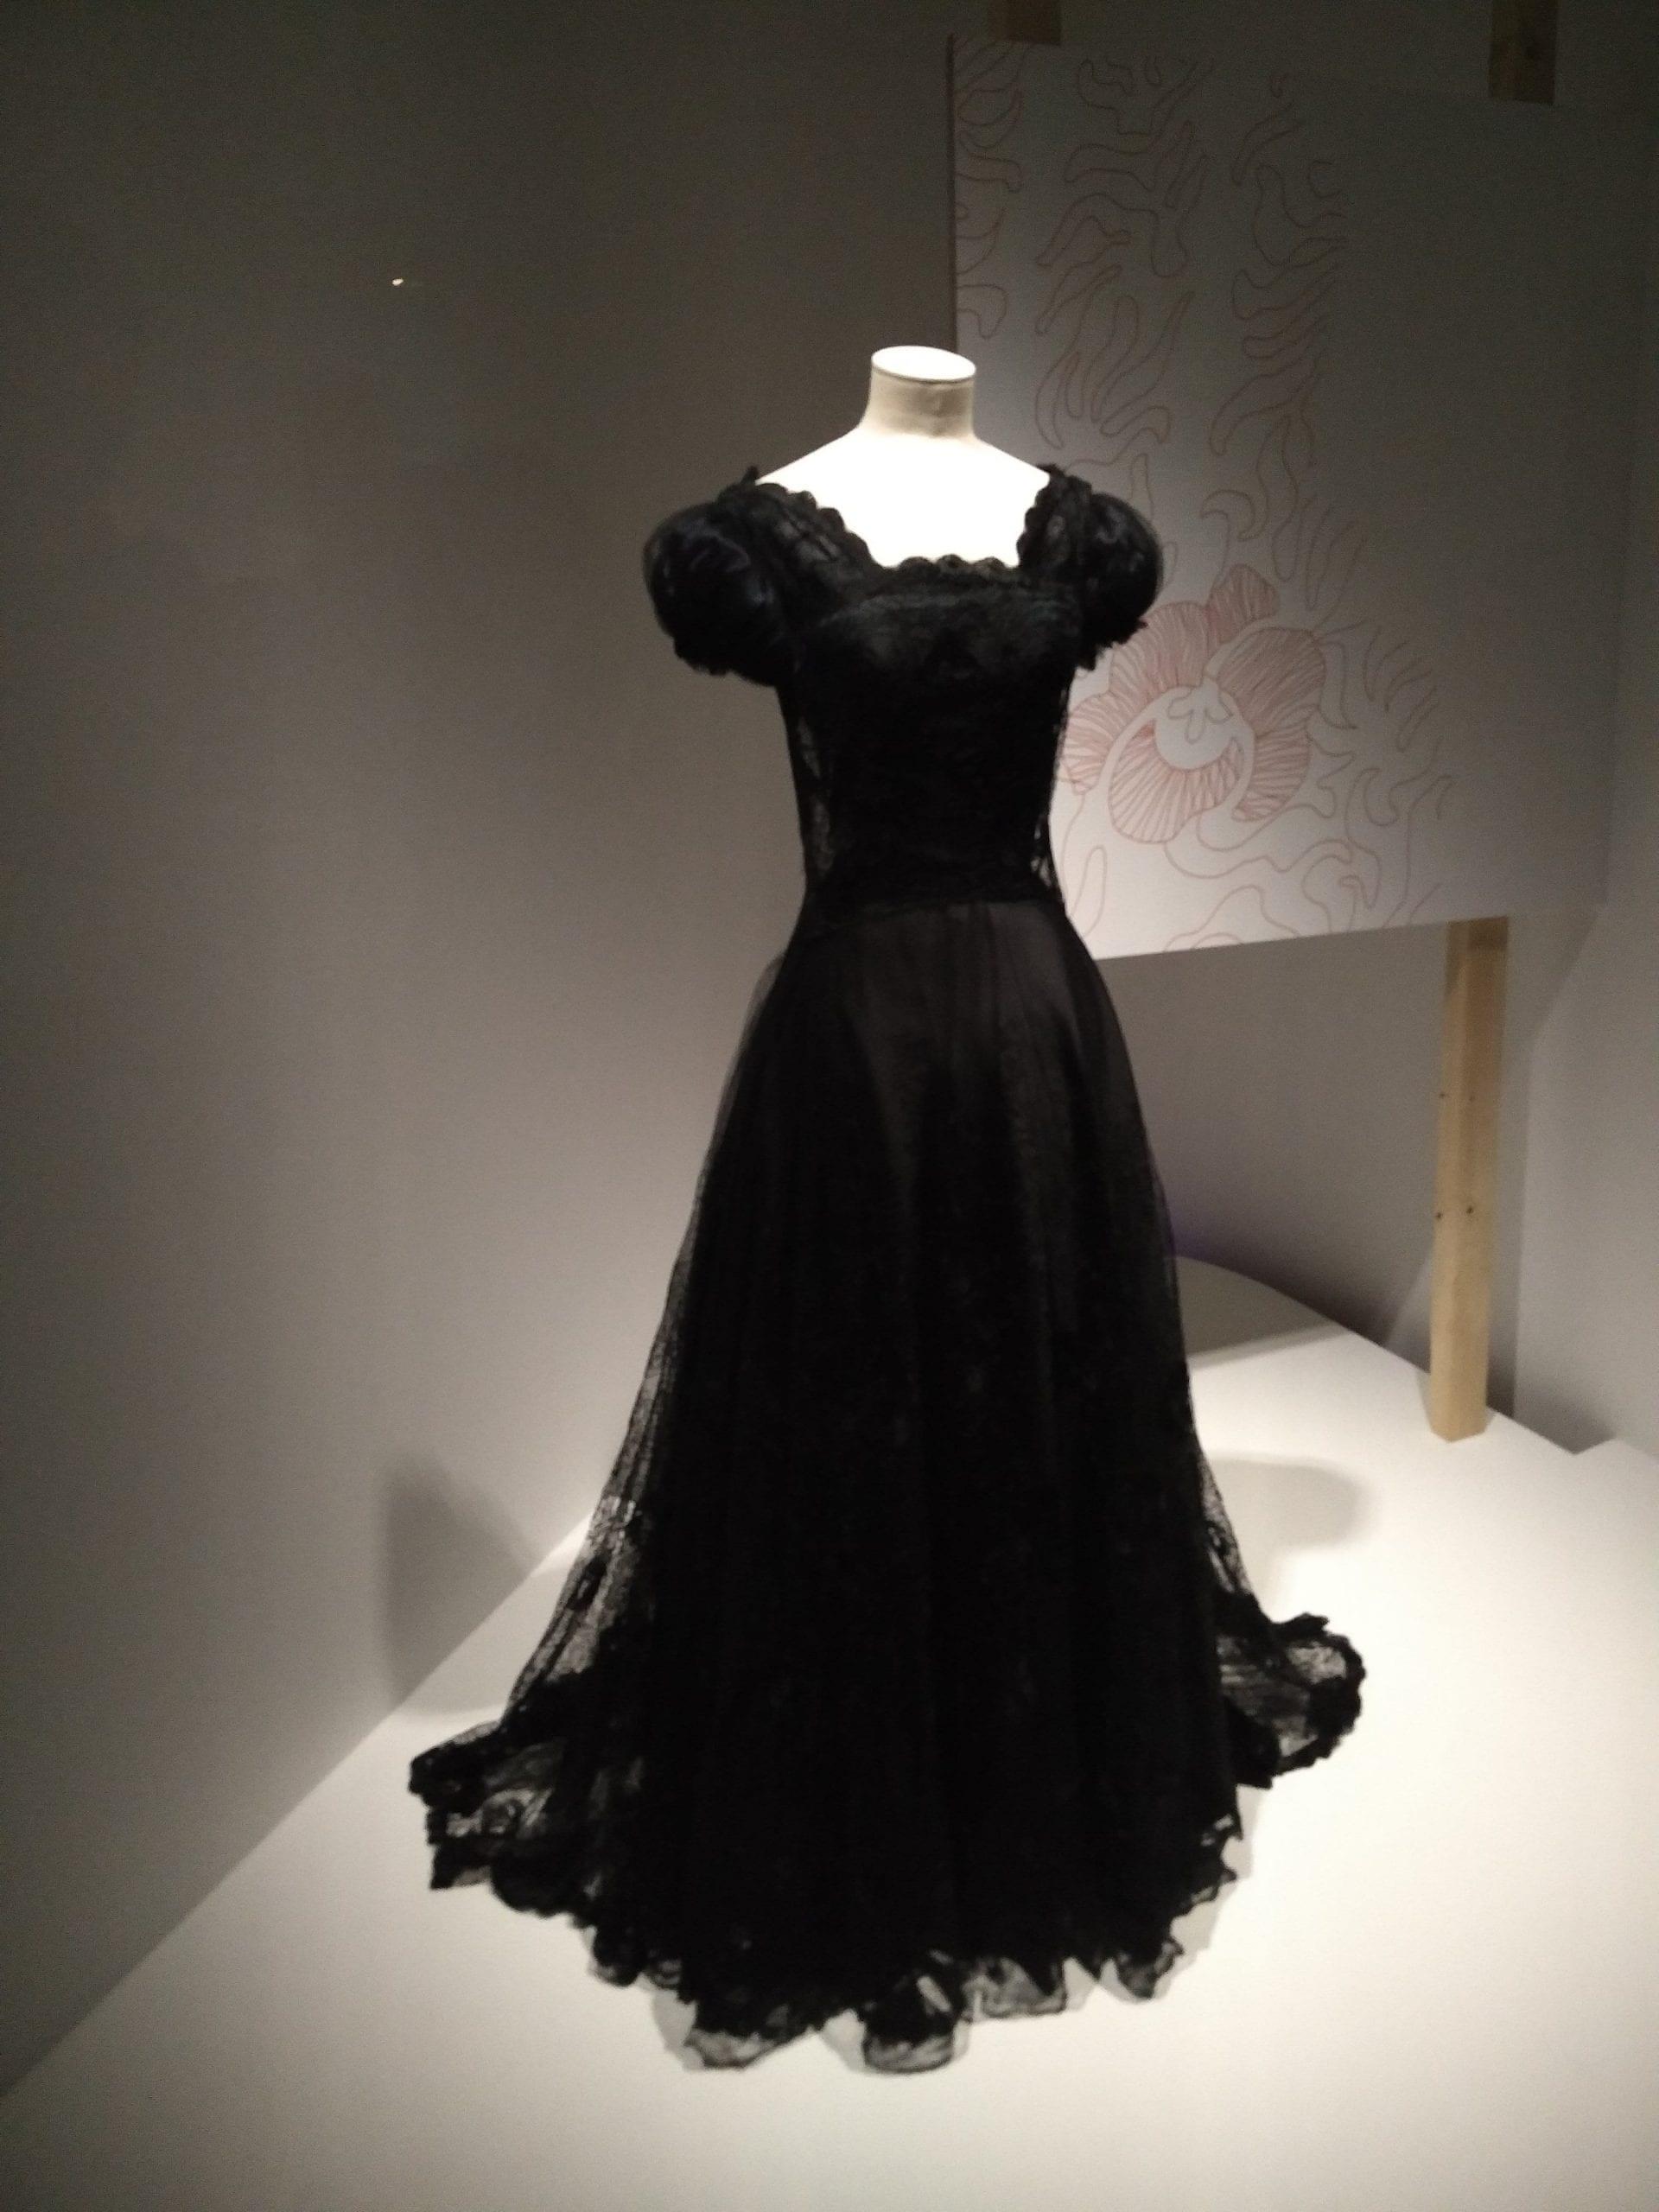 Museo_Cristobal_Balenciaga_1